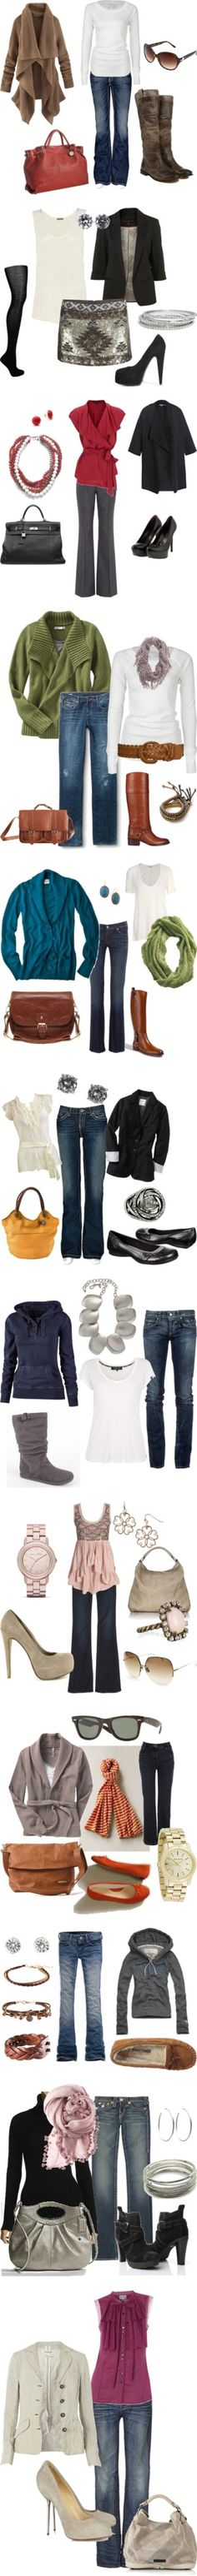 Las posibilidades de la moda